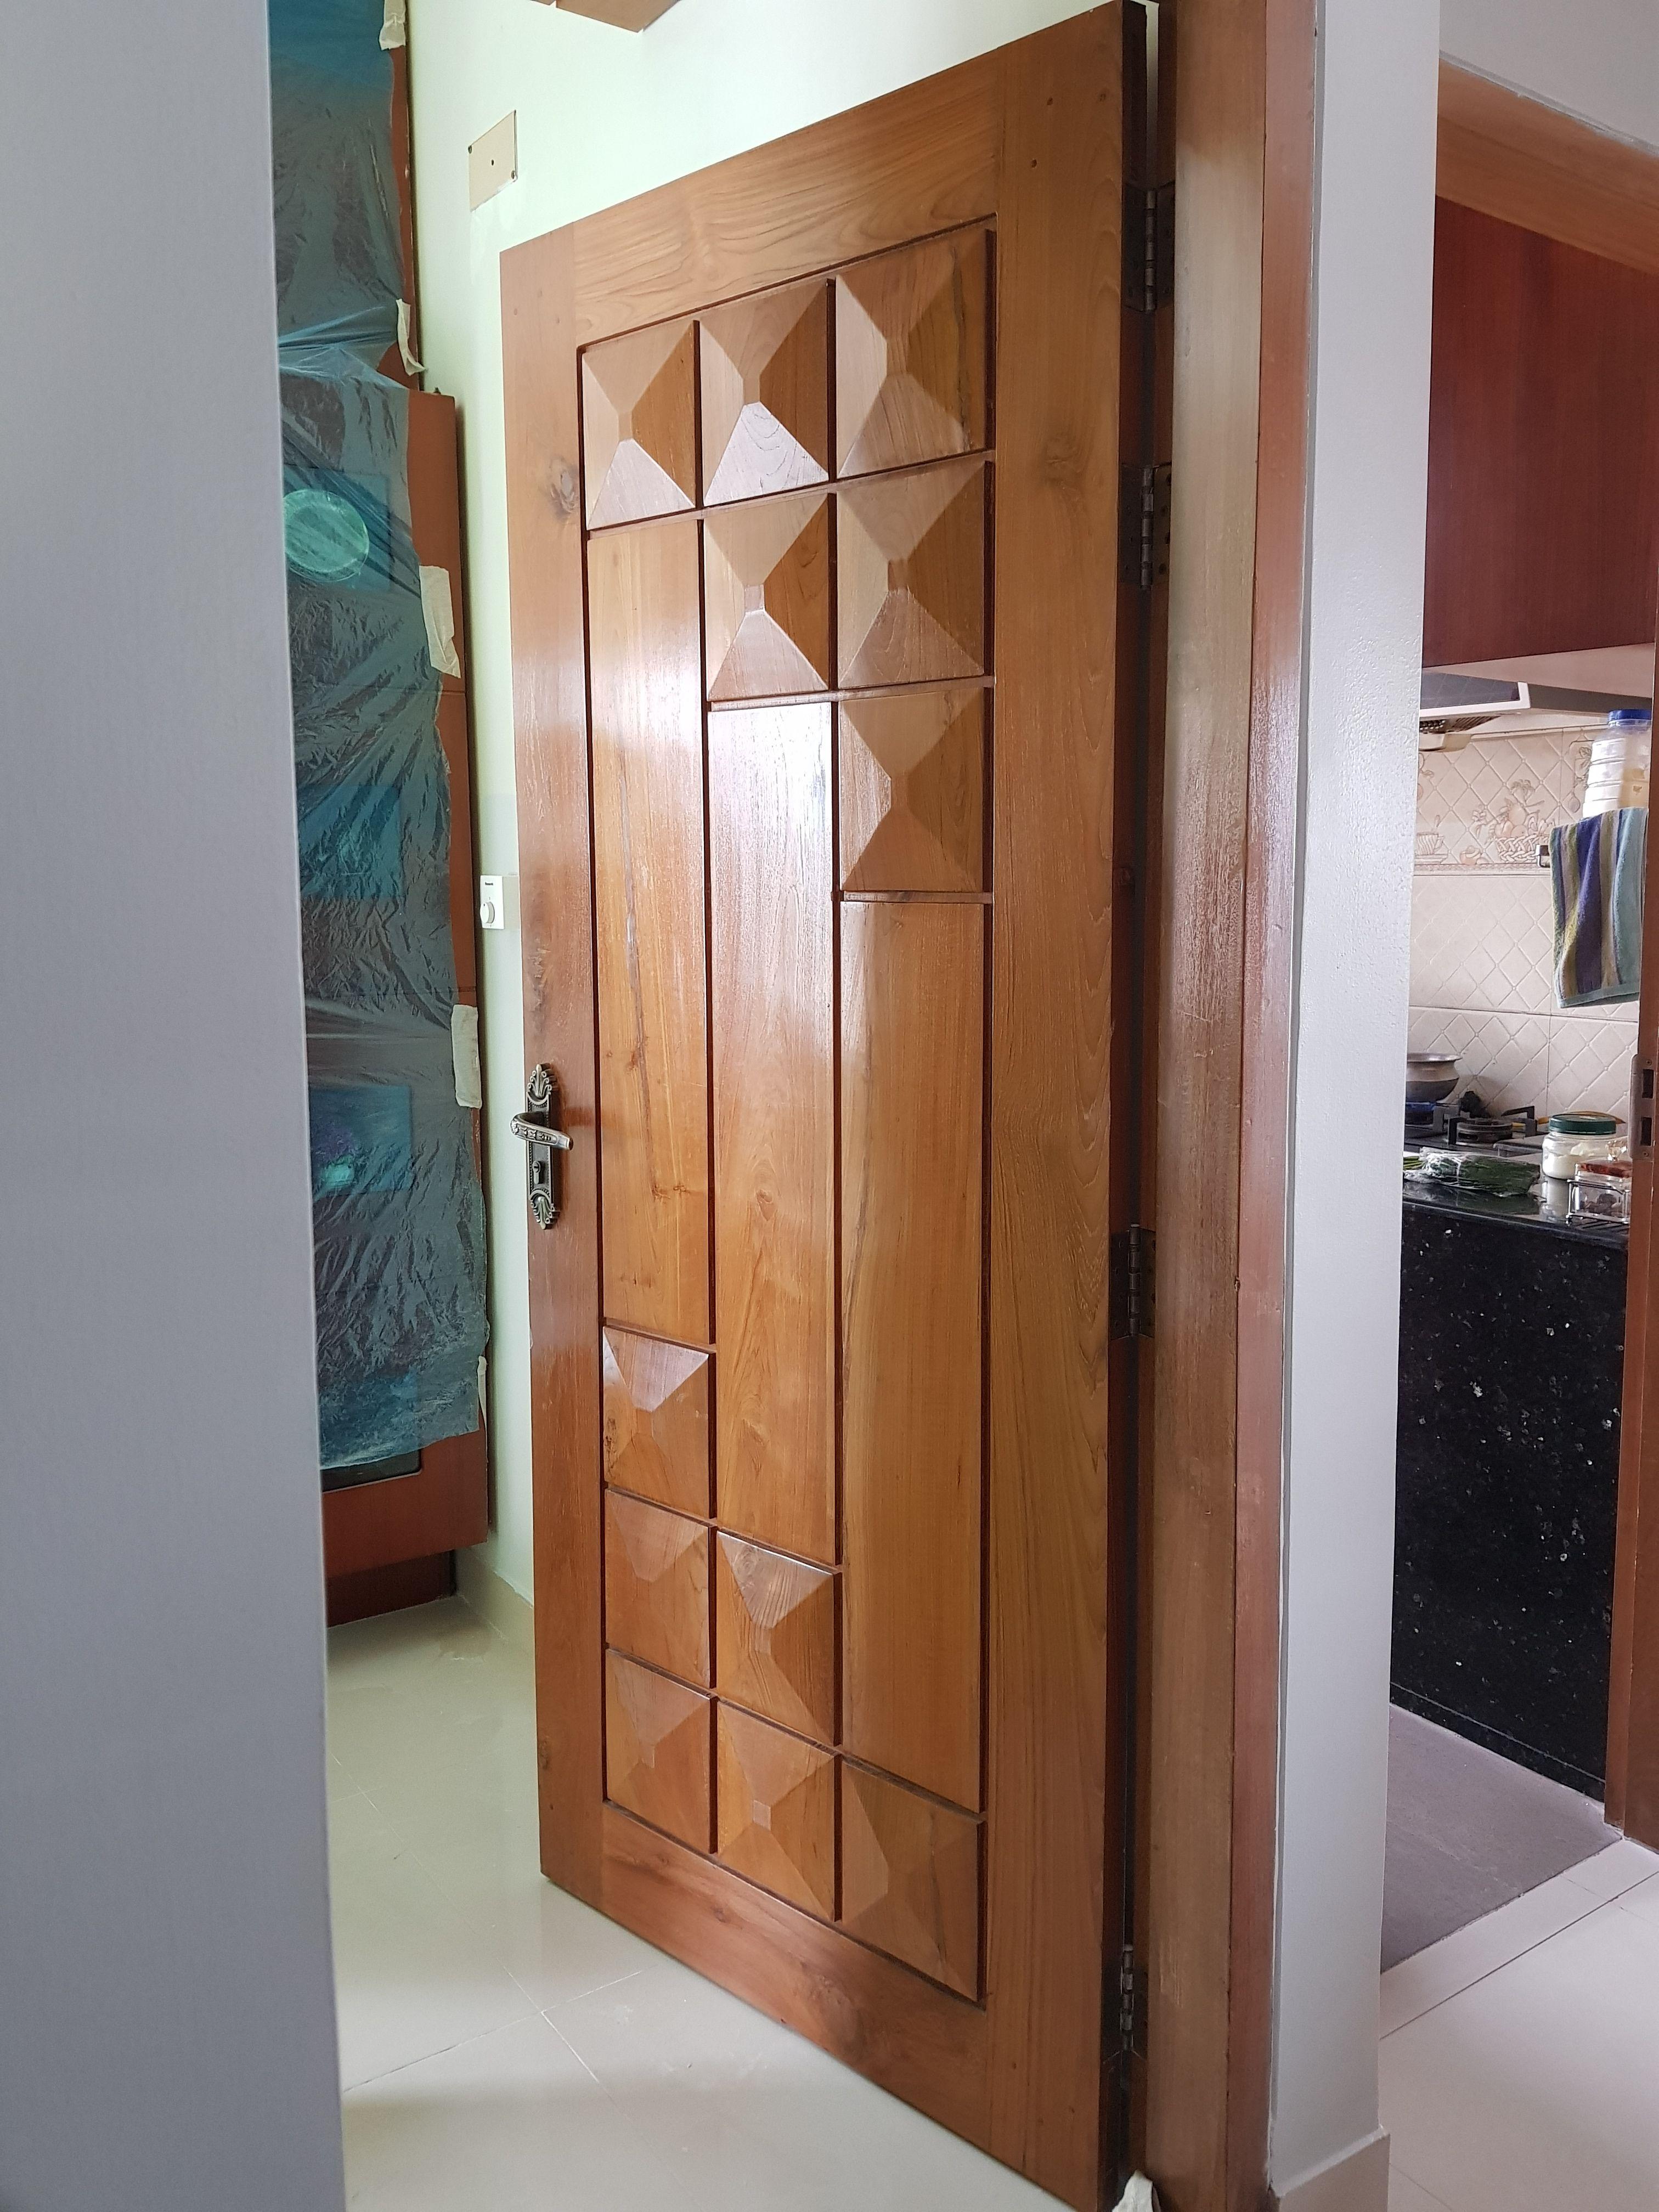 Solid Diyar Wood Luxury Front Door Designs Modrenstyles Front Door Design Bedroom Door Design Modern Entrance Door